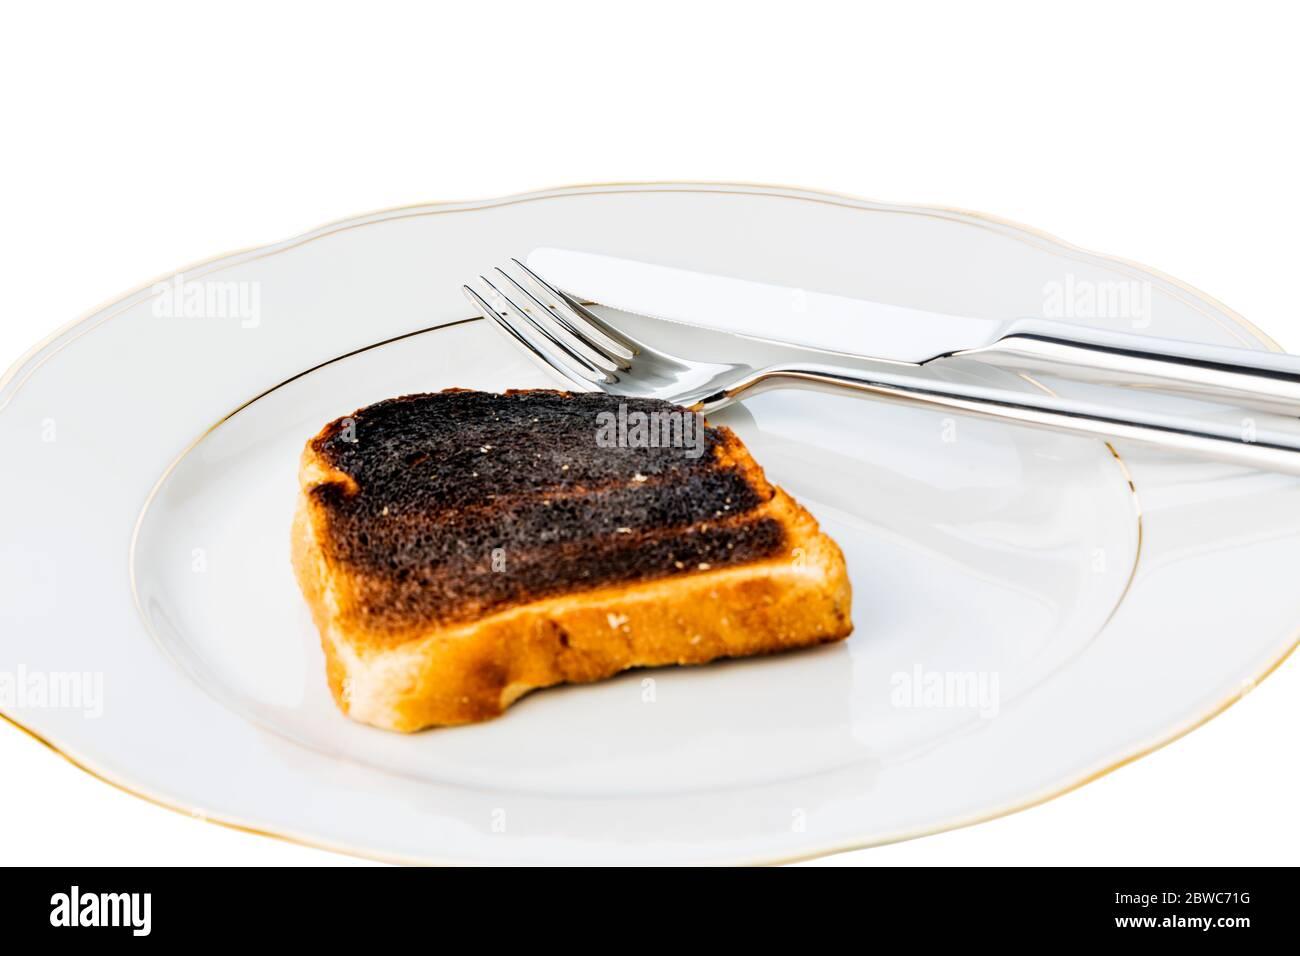 Toastbrot wurde beim toasten verbrannt. Verbrannte Toastscheiben beim Fruehstueck. Stock Photo